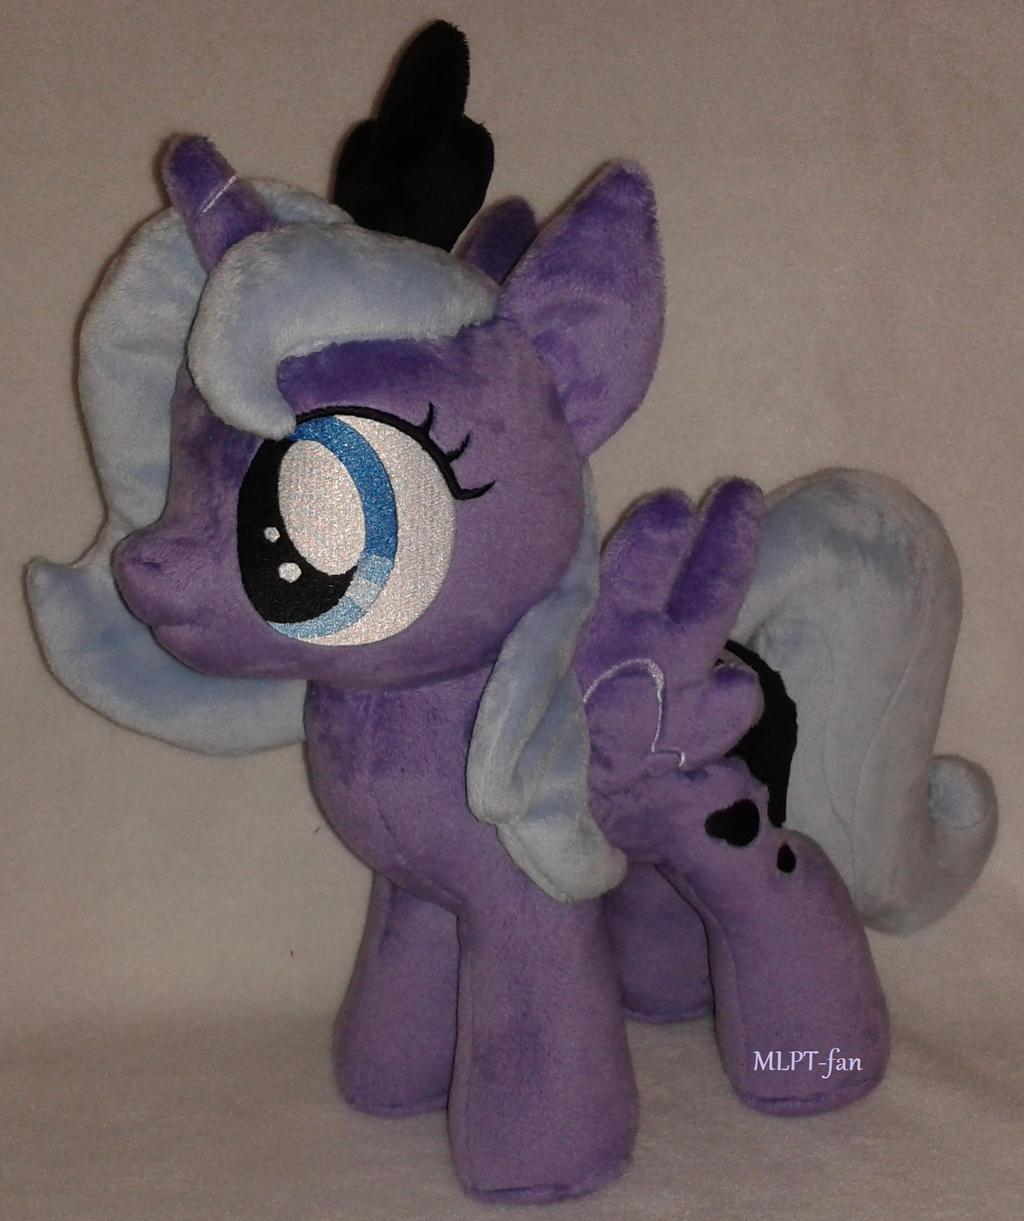 filly Luna by MLPT-fan